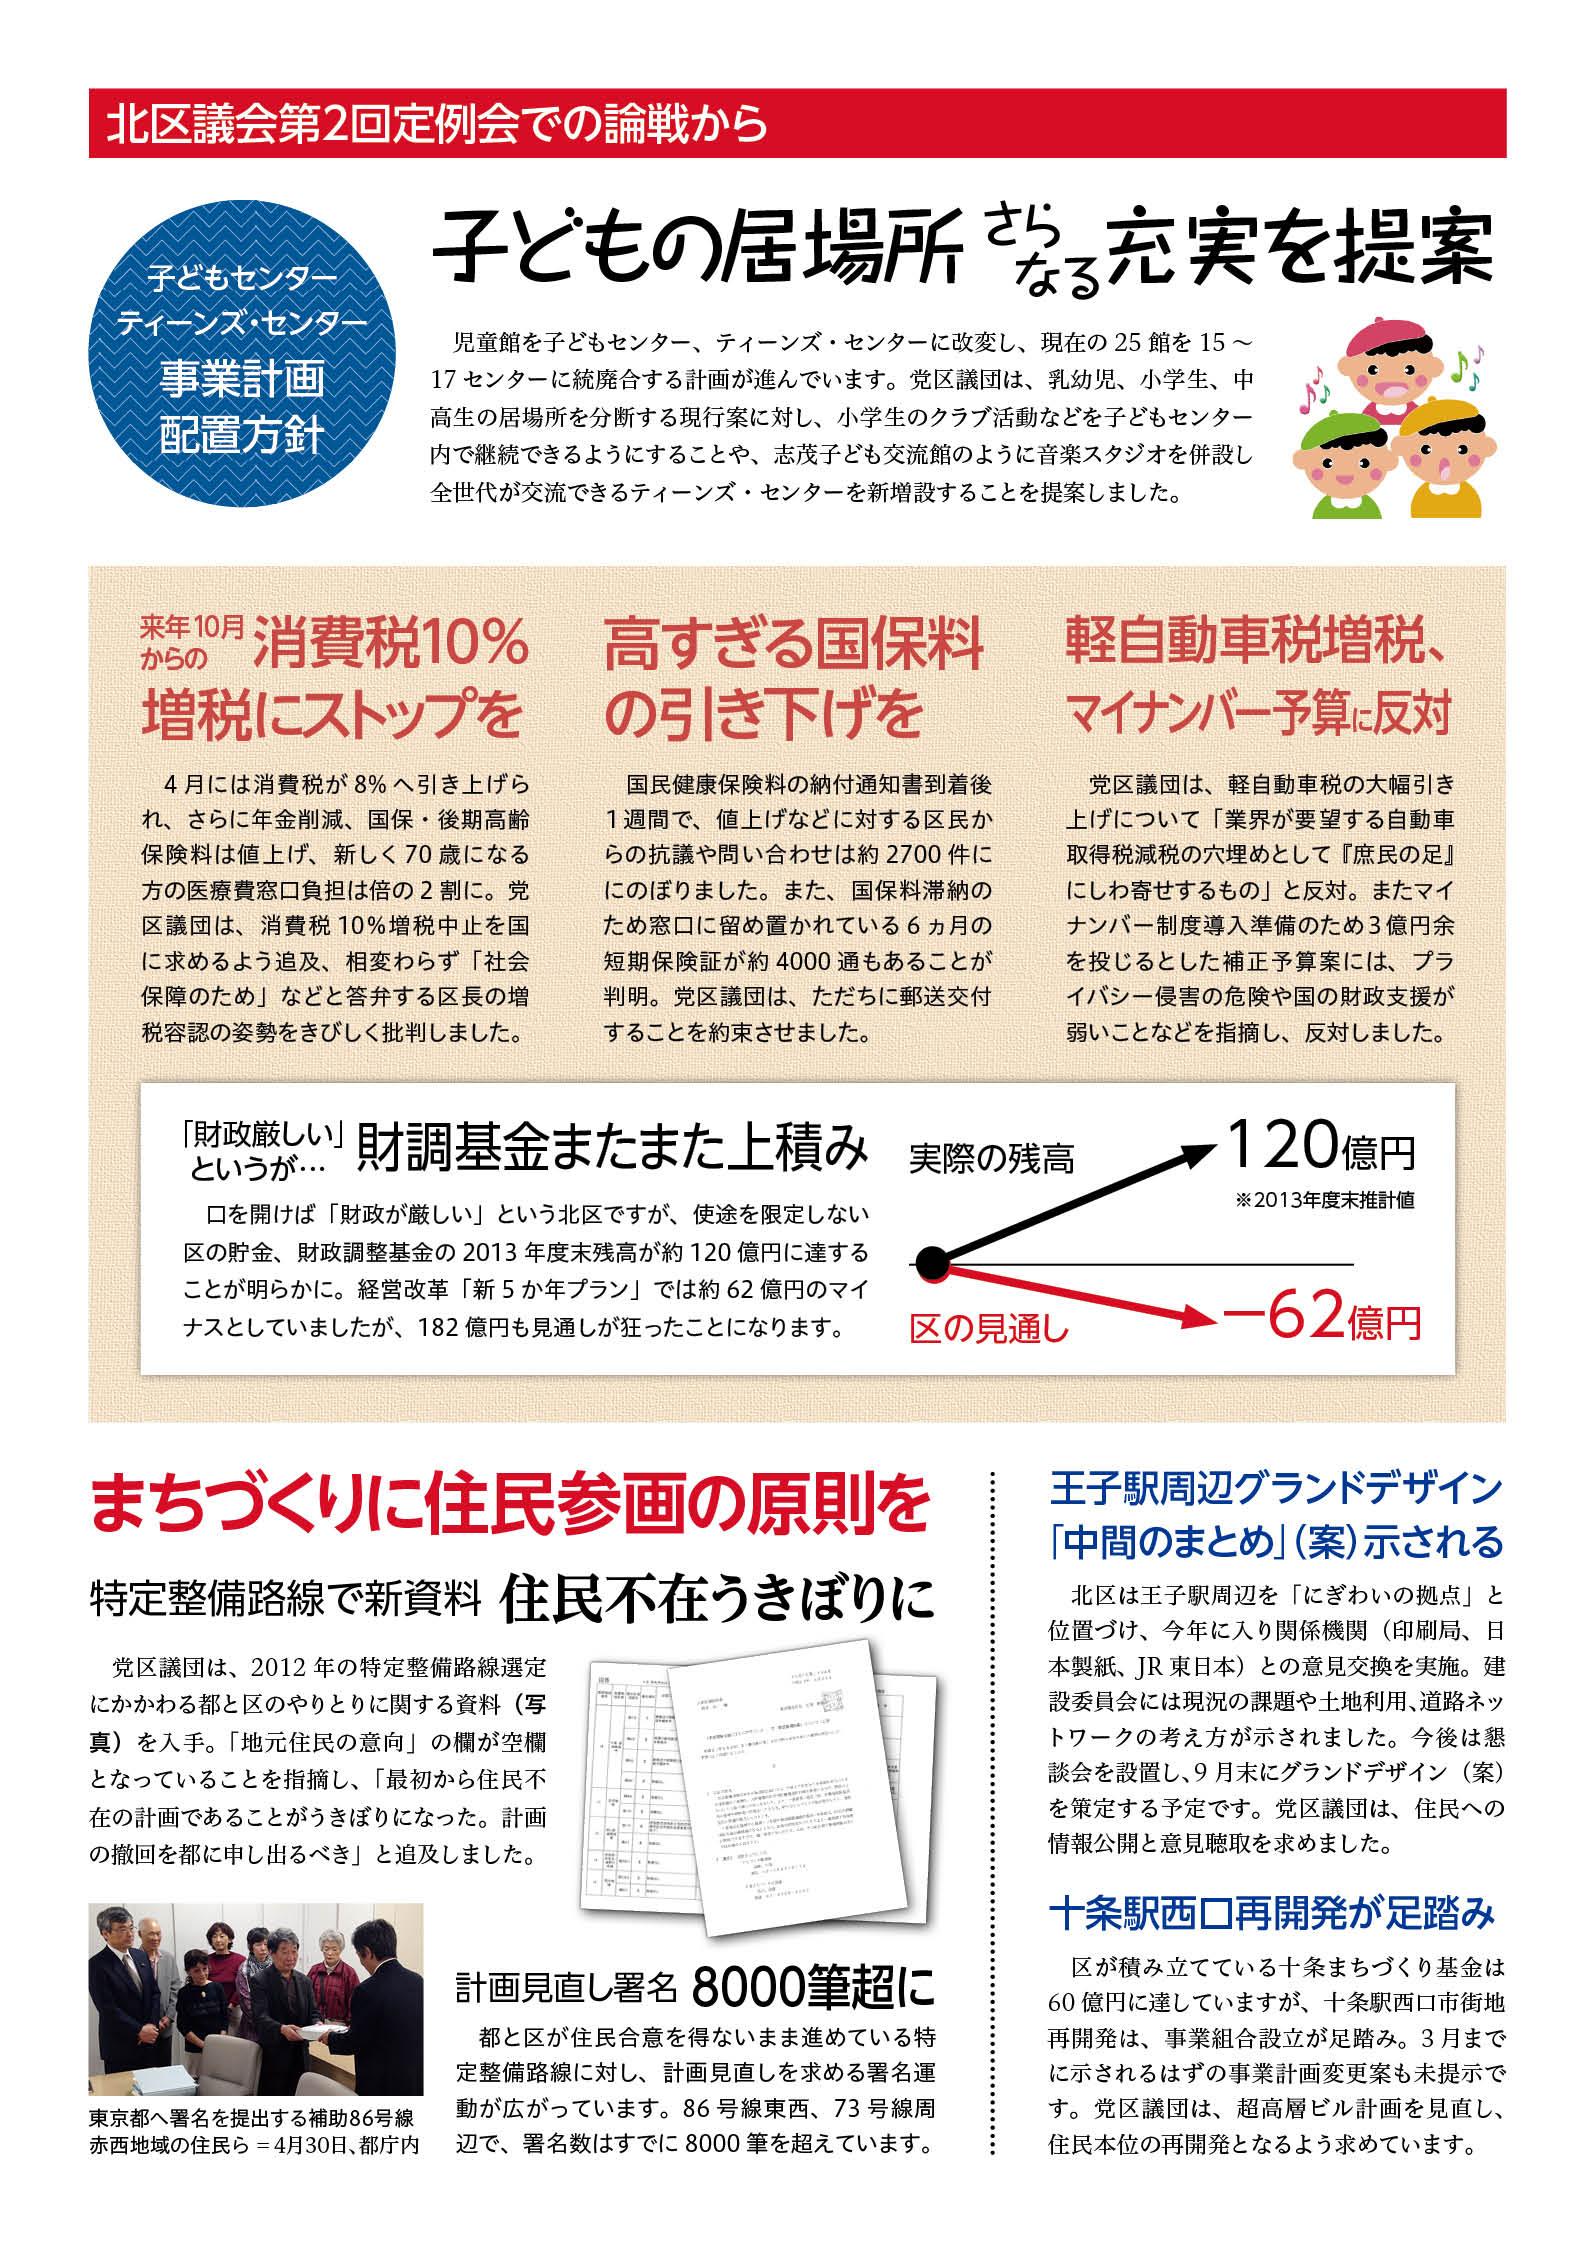 dan-news-2014-022